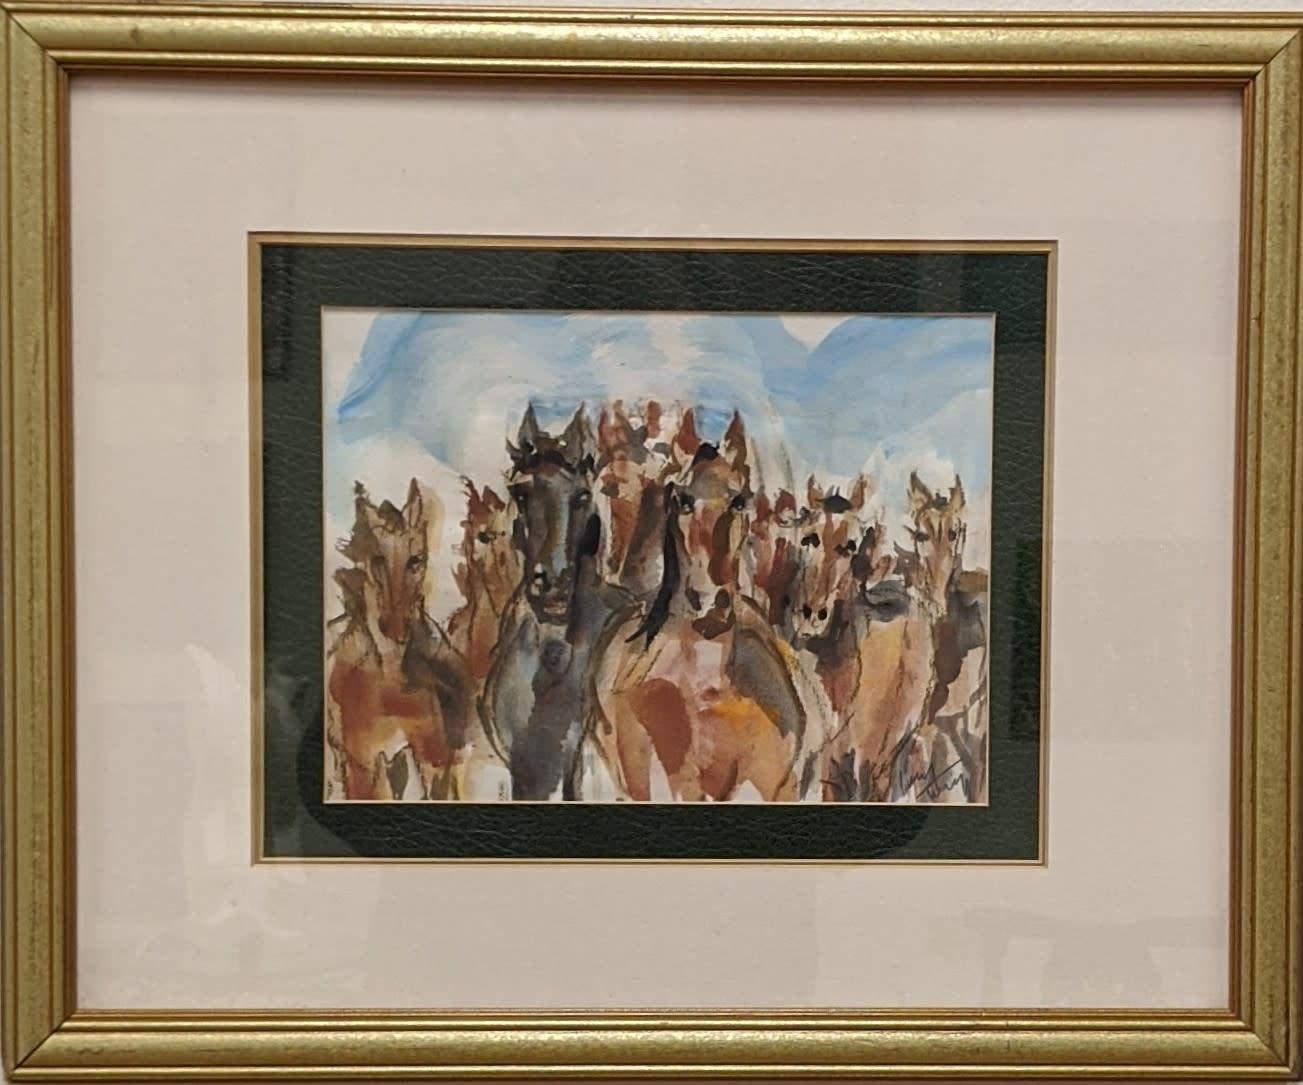 The herd tumxz9